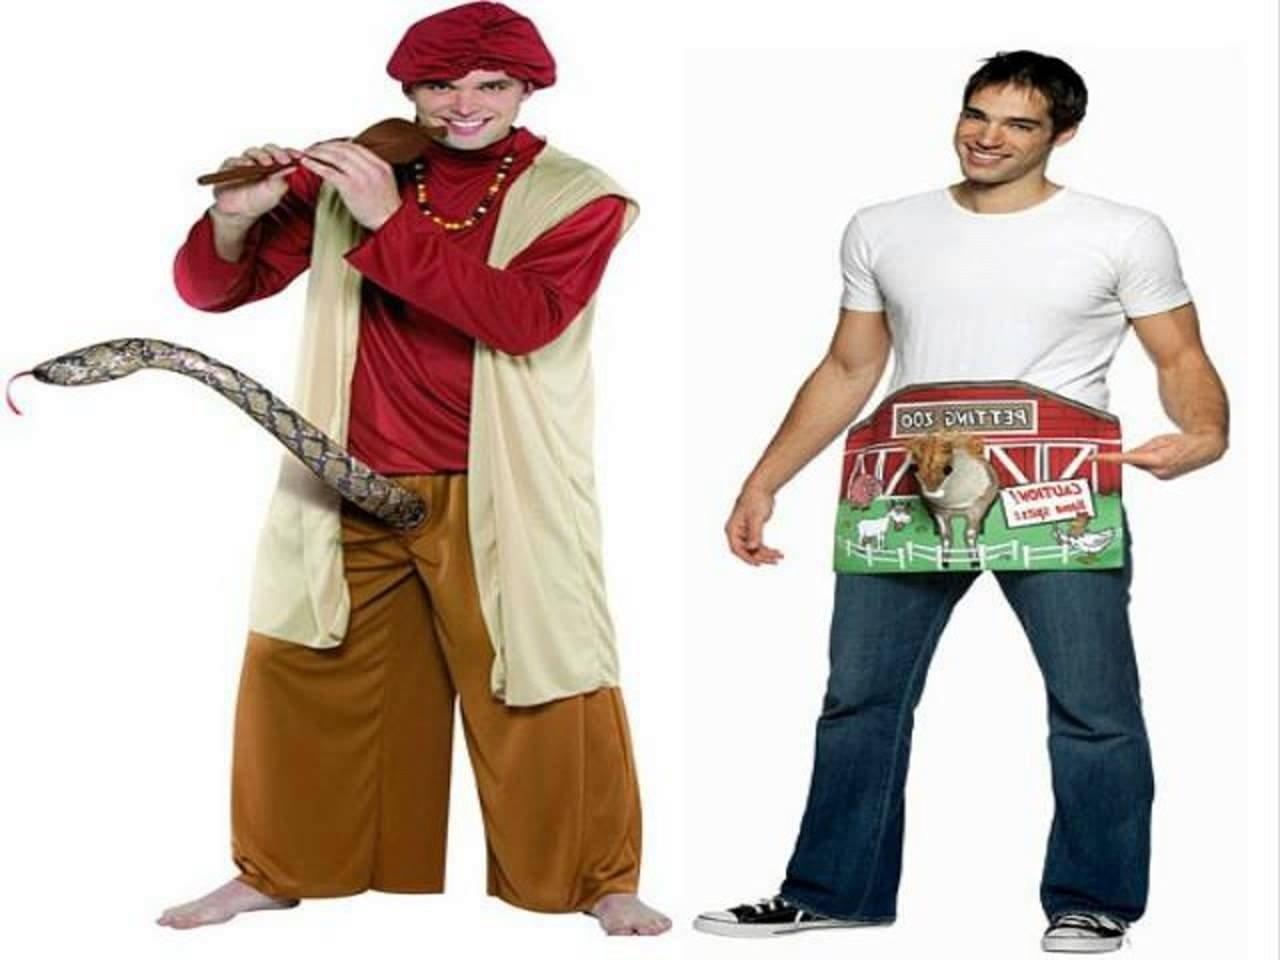 10 Trendy Cool Halloween Costume Ideas For Men of funny men halloween costume ideas wallpaper amazing for men 3 2020